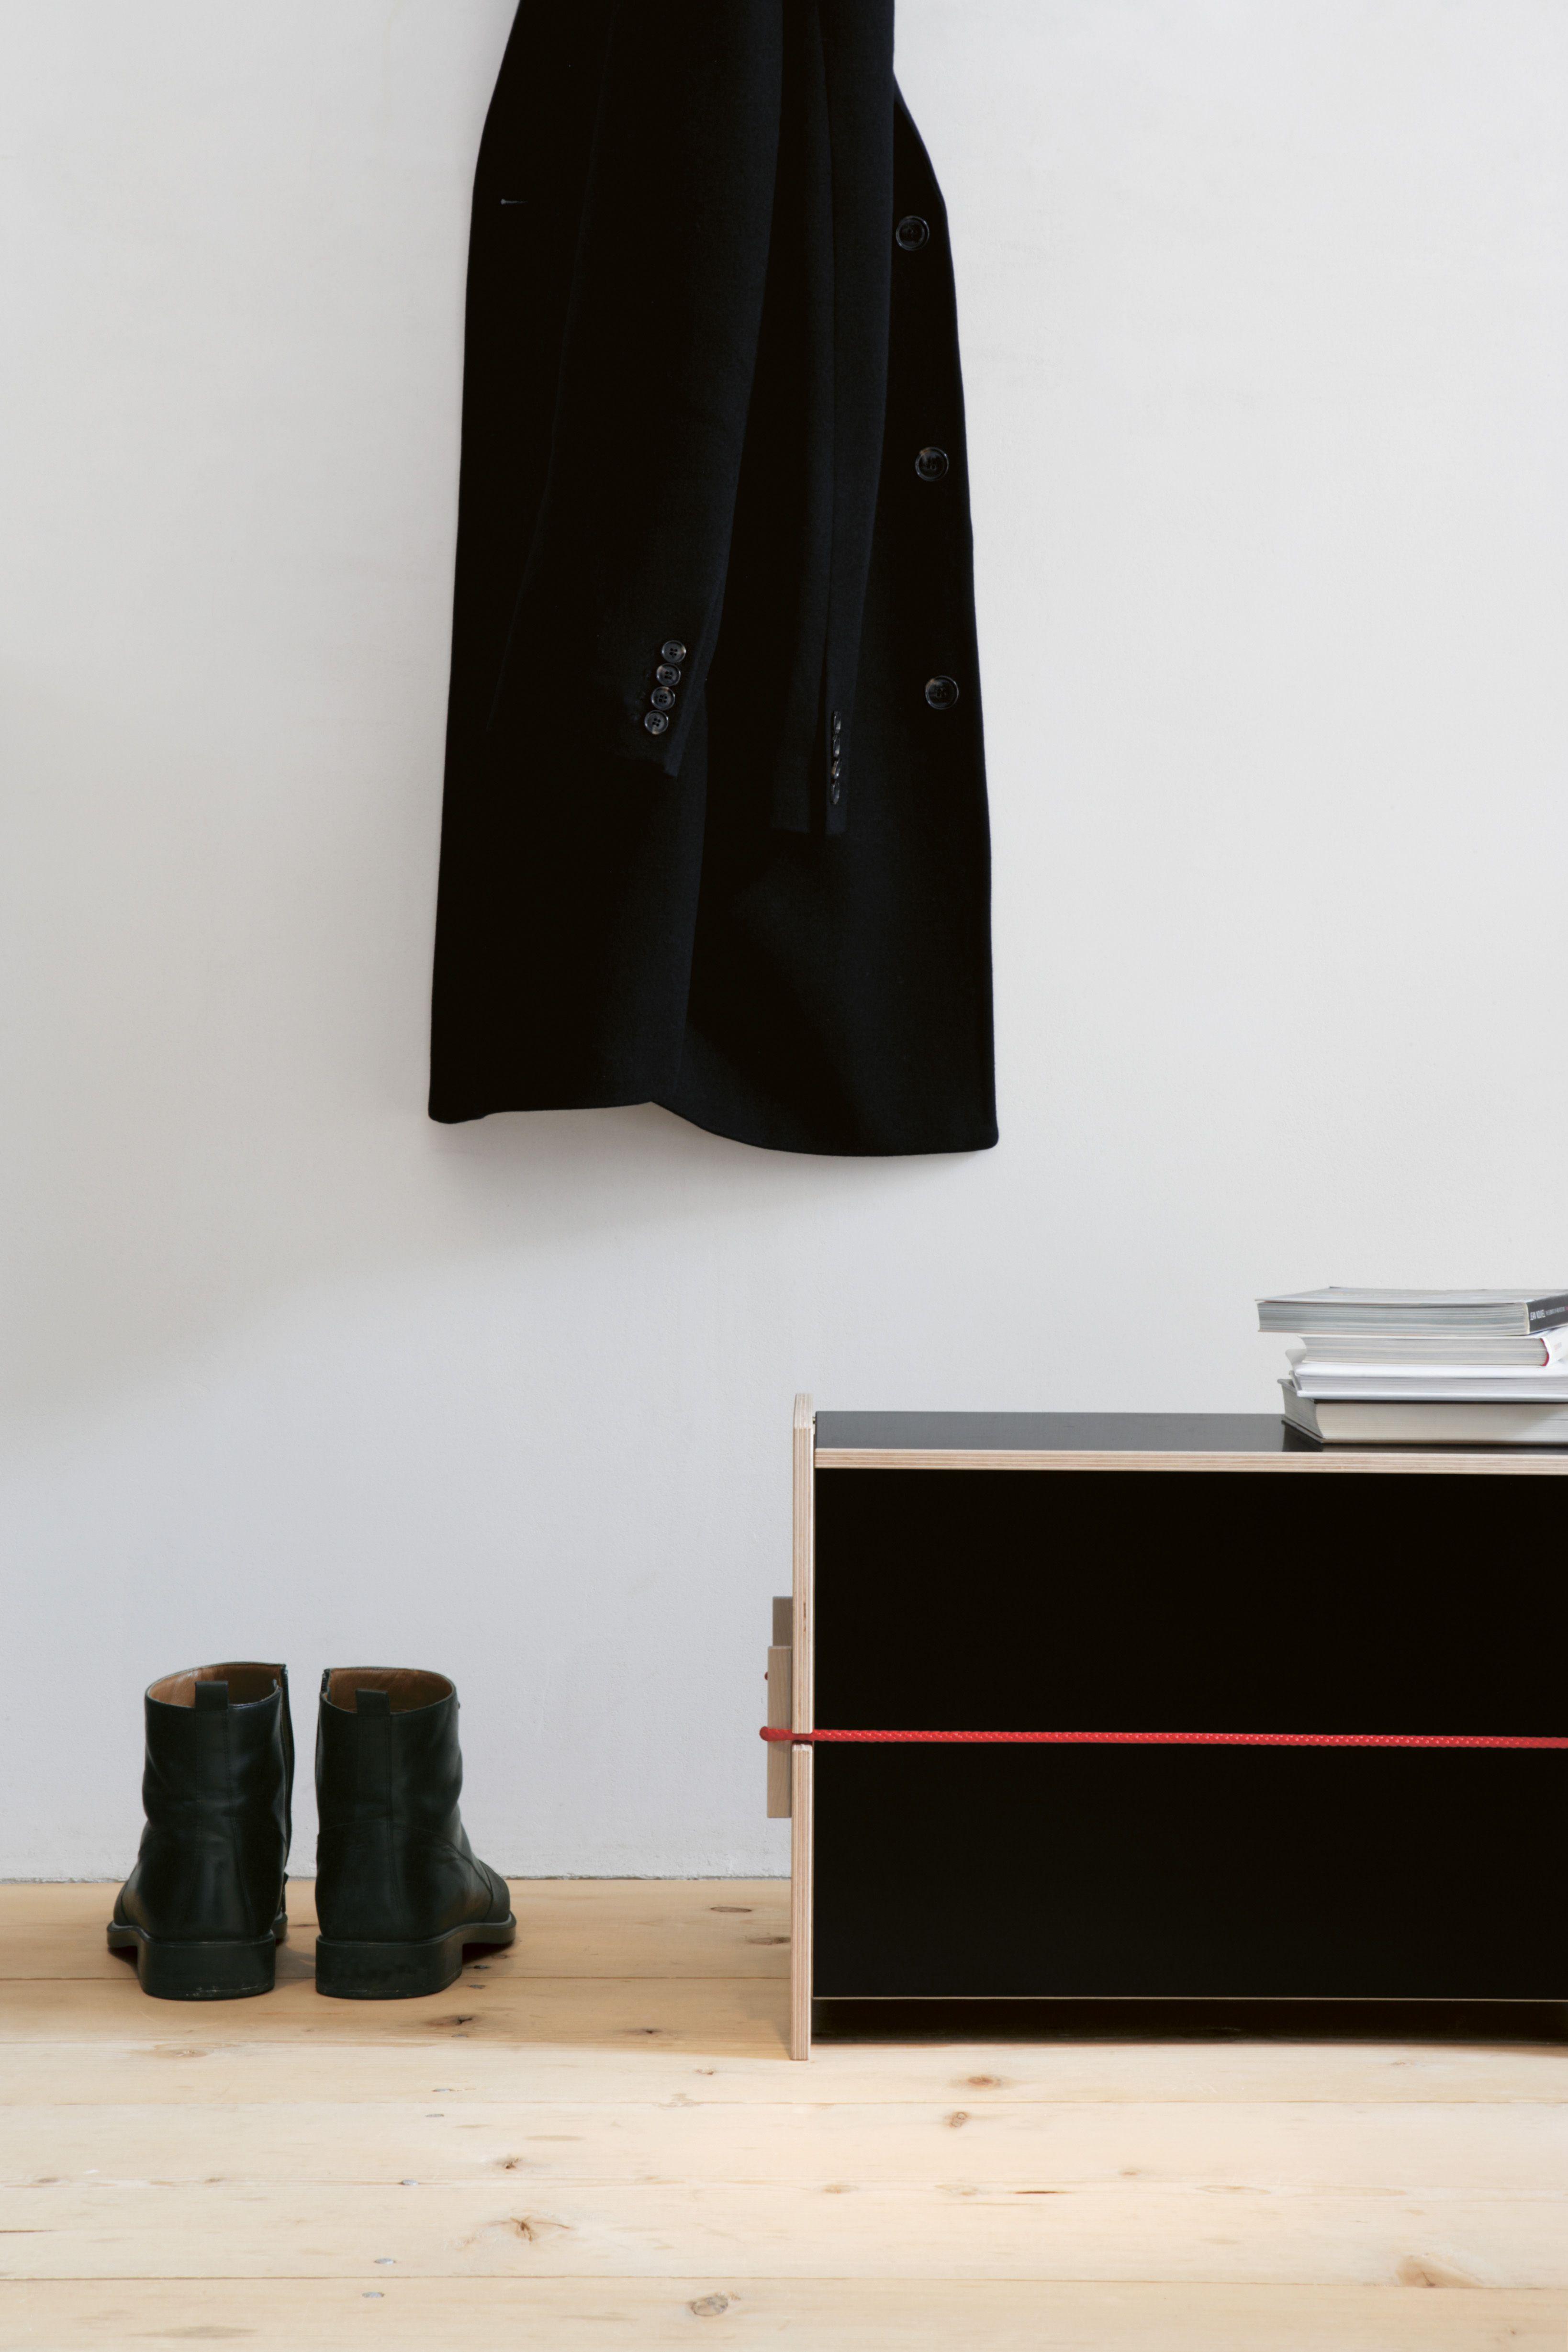 trude i nils holger moormann i 2014 i storage i c jager jager